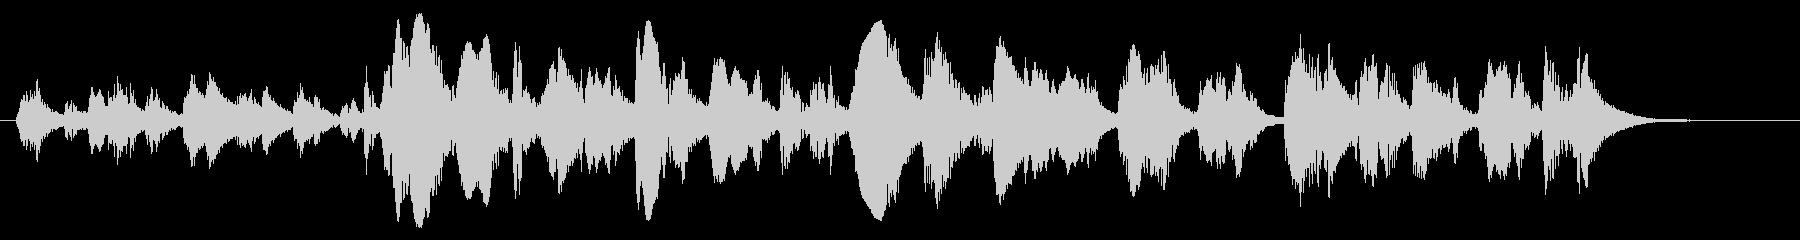 テレビグラス:スロースクイーキーラブの未再生の波形